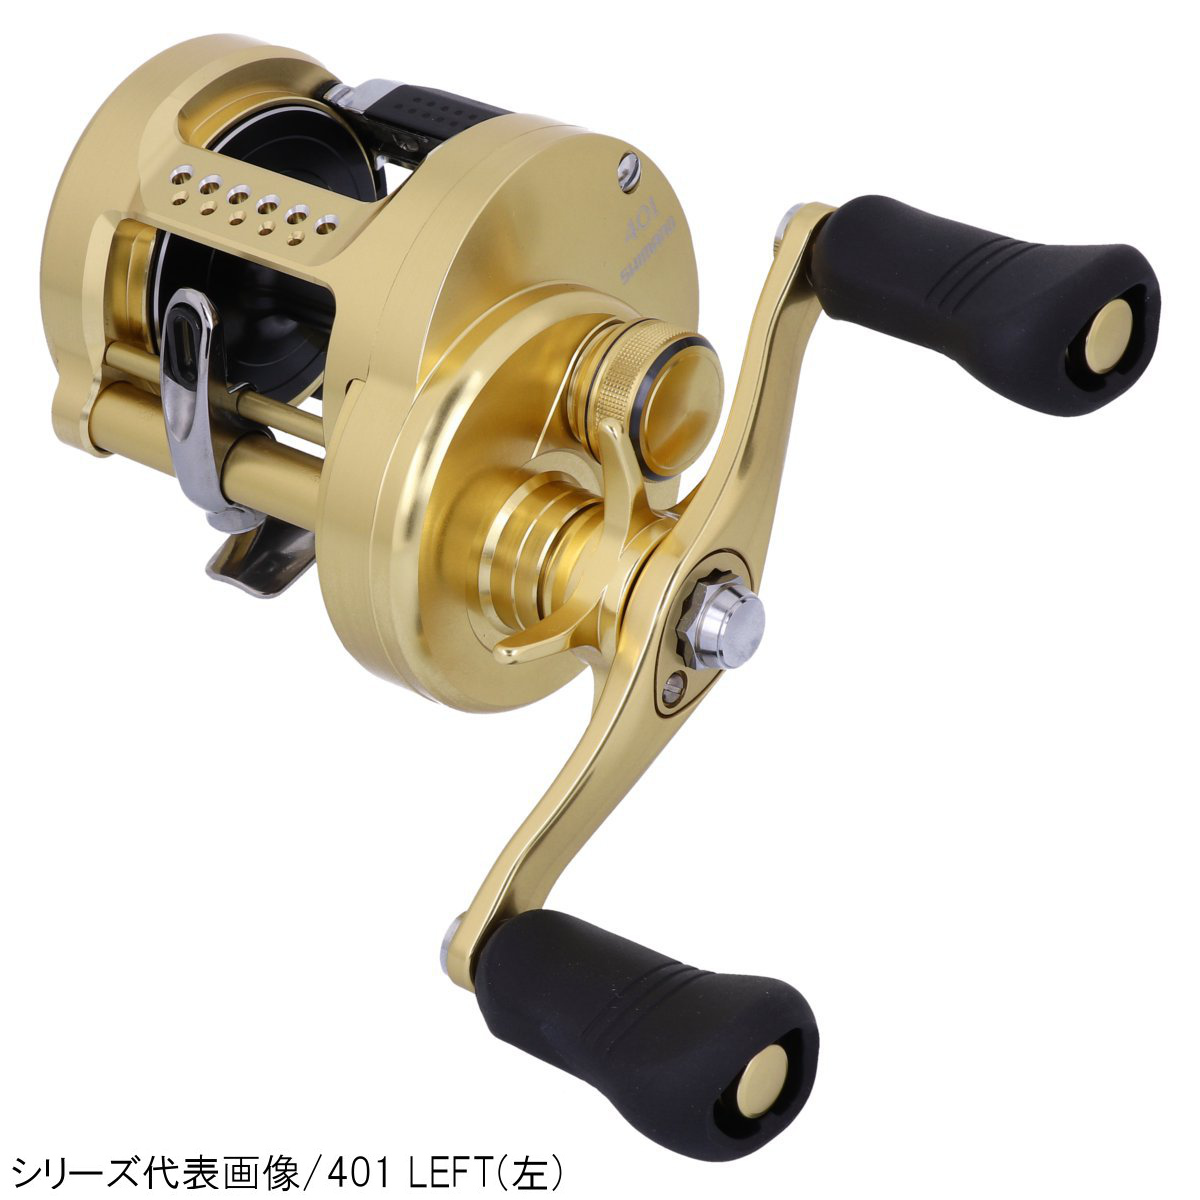 シマノ カルカッタ コンクエスト 301 LEFT(左)(東日本店)【同梱不可】